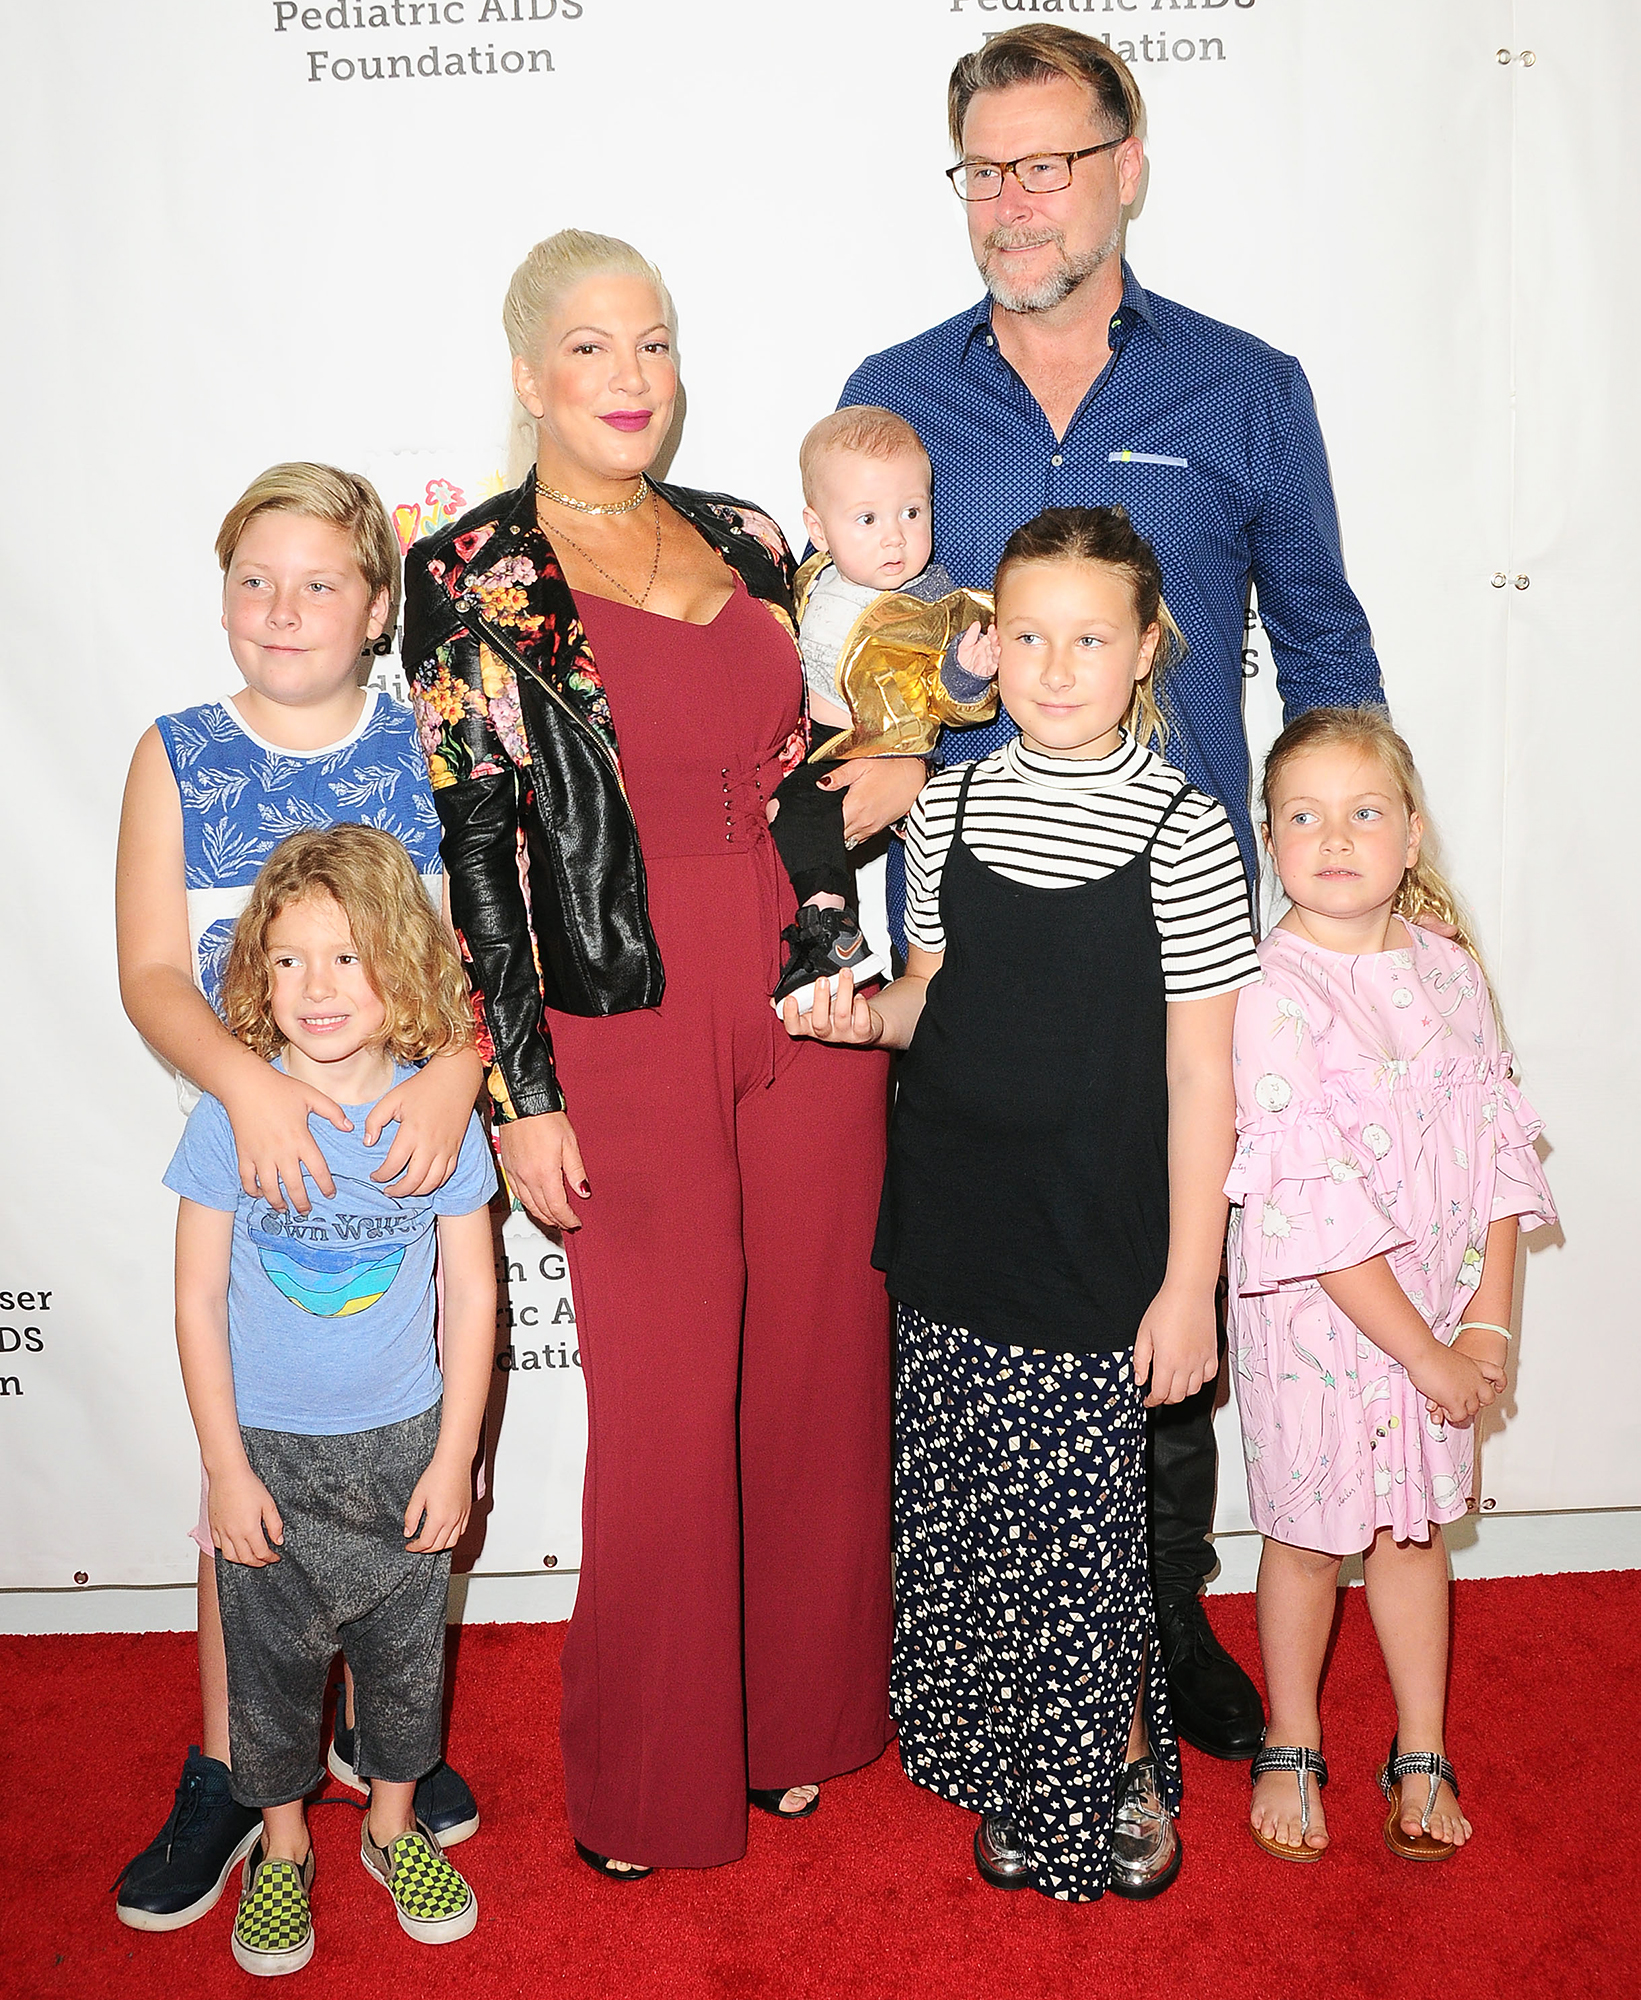 Tori Spelling Dean McDermot kids